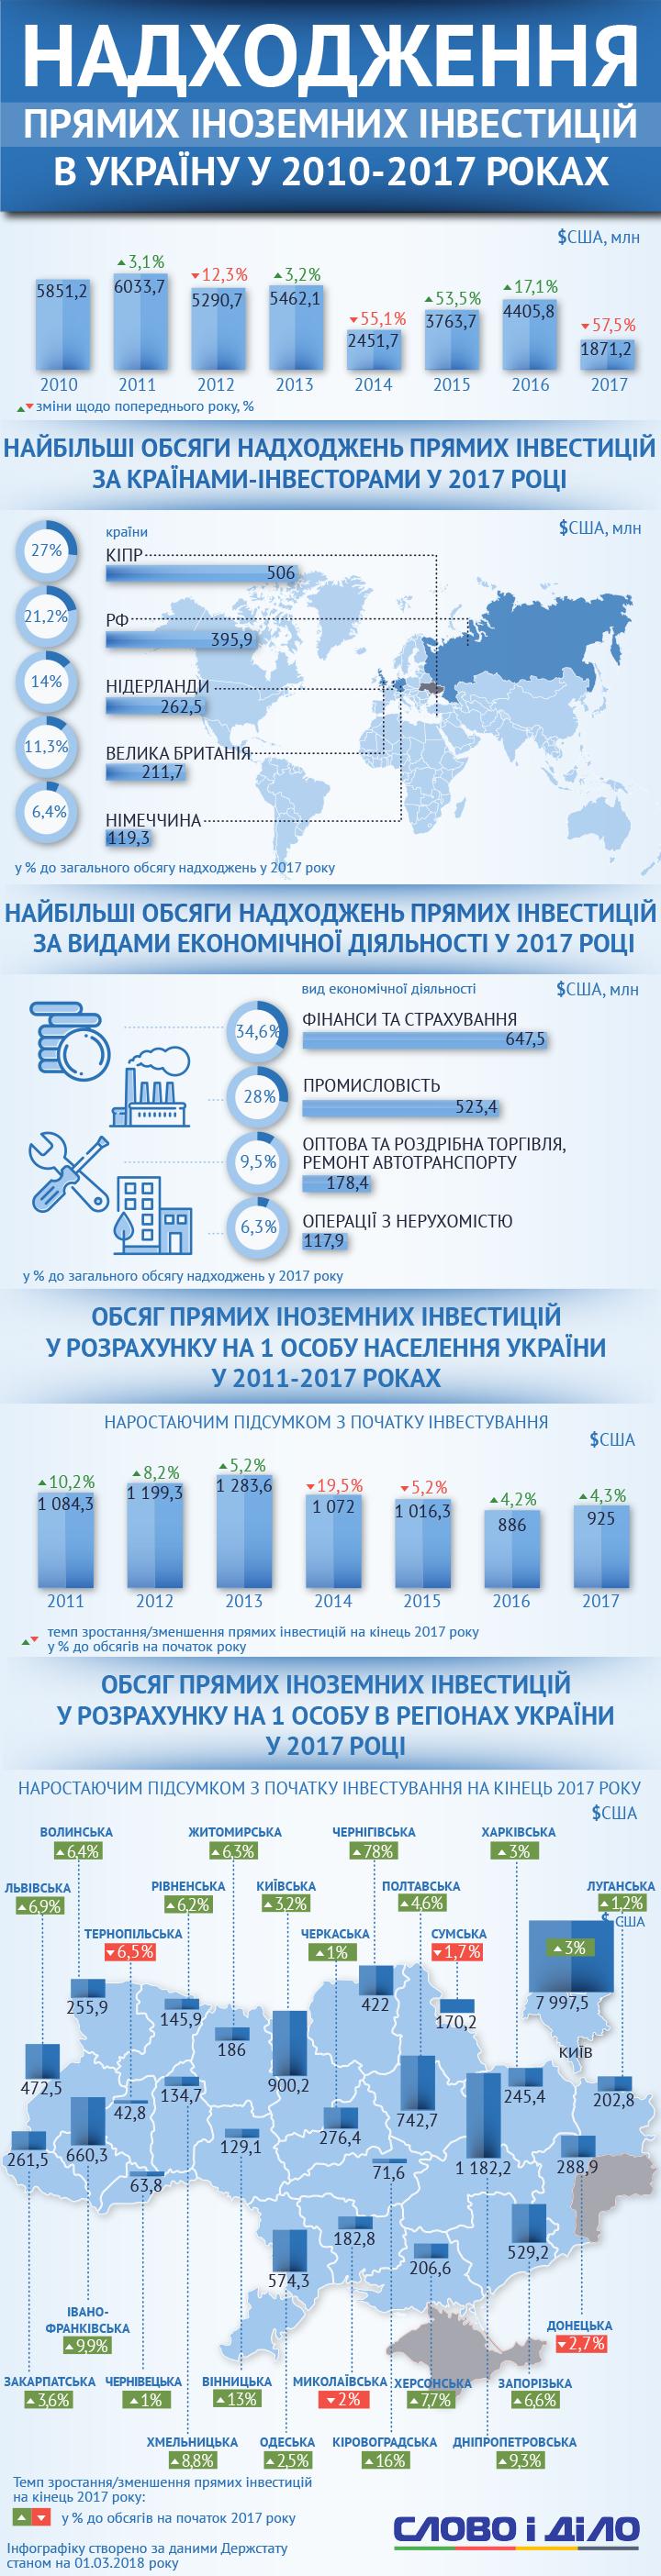 Прямые иностранные инвестиции в Украину в прошлом году составили 1 миллиард 817,2 миллиона гривен. Это на 57,5 процентов меньше, чем в 2016-м.